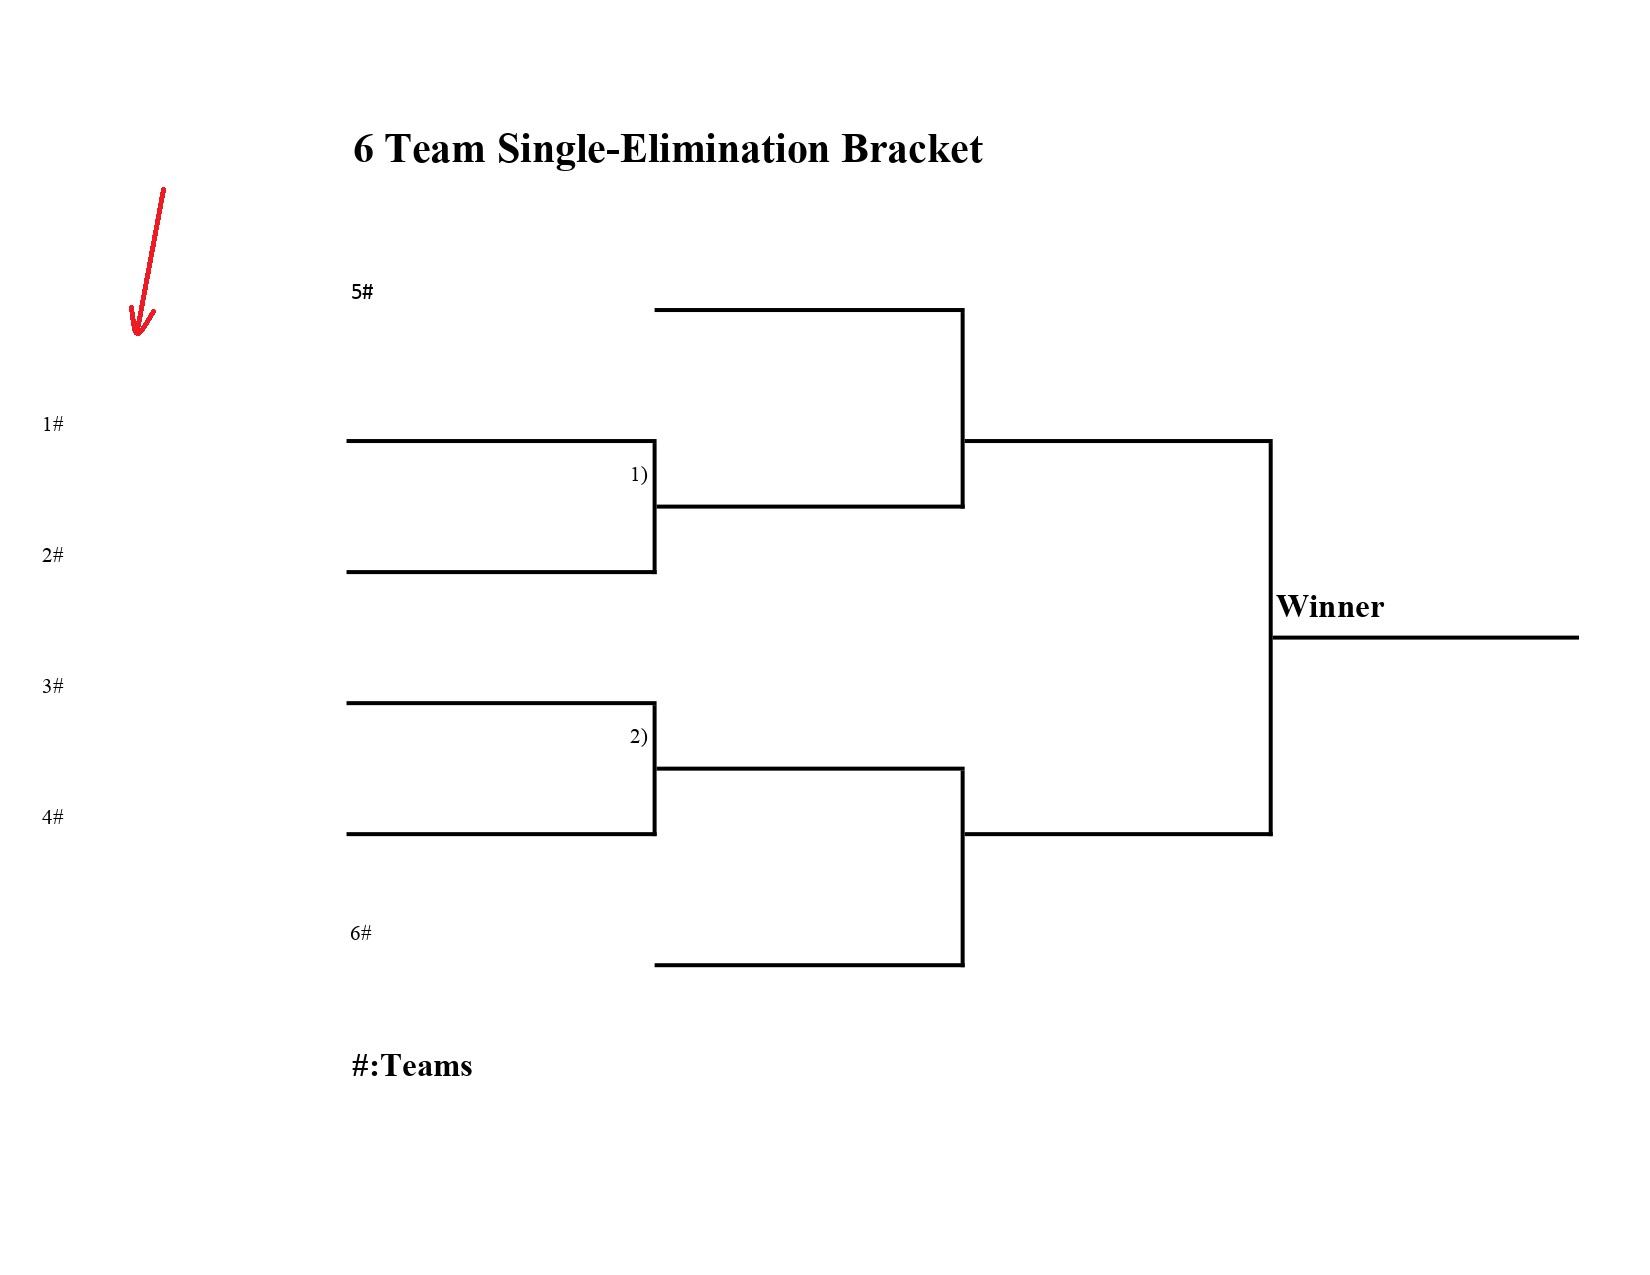 6 team single elimination bracket